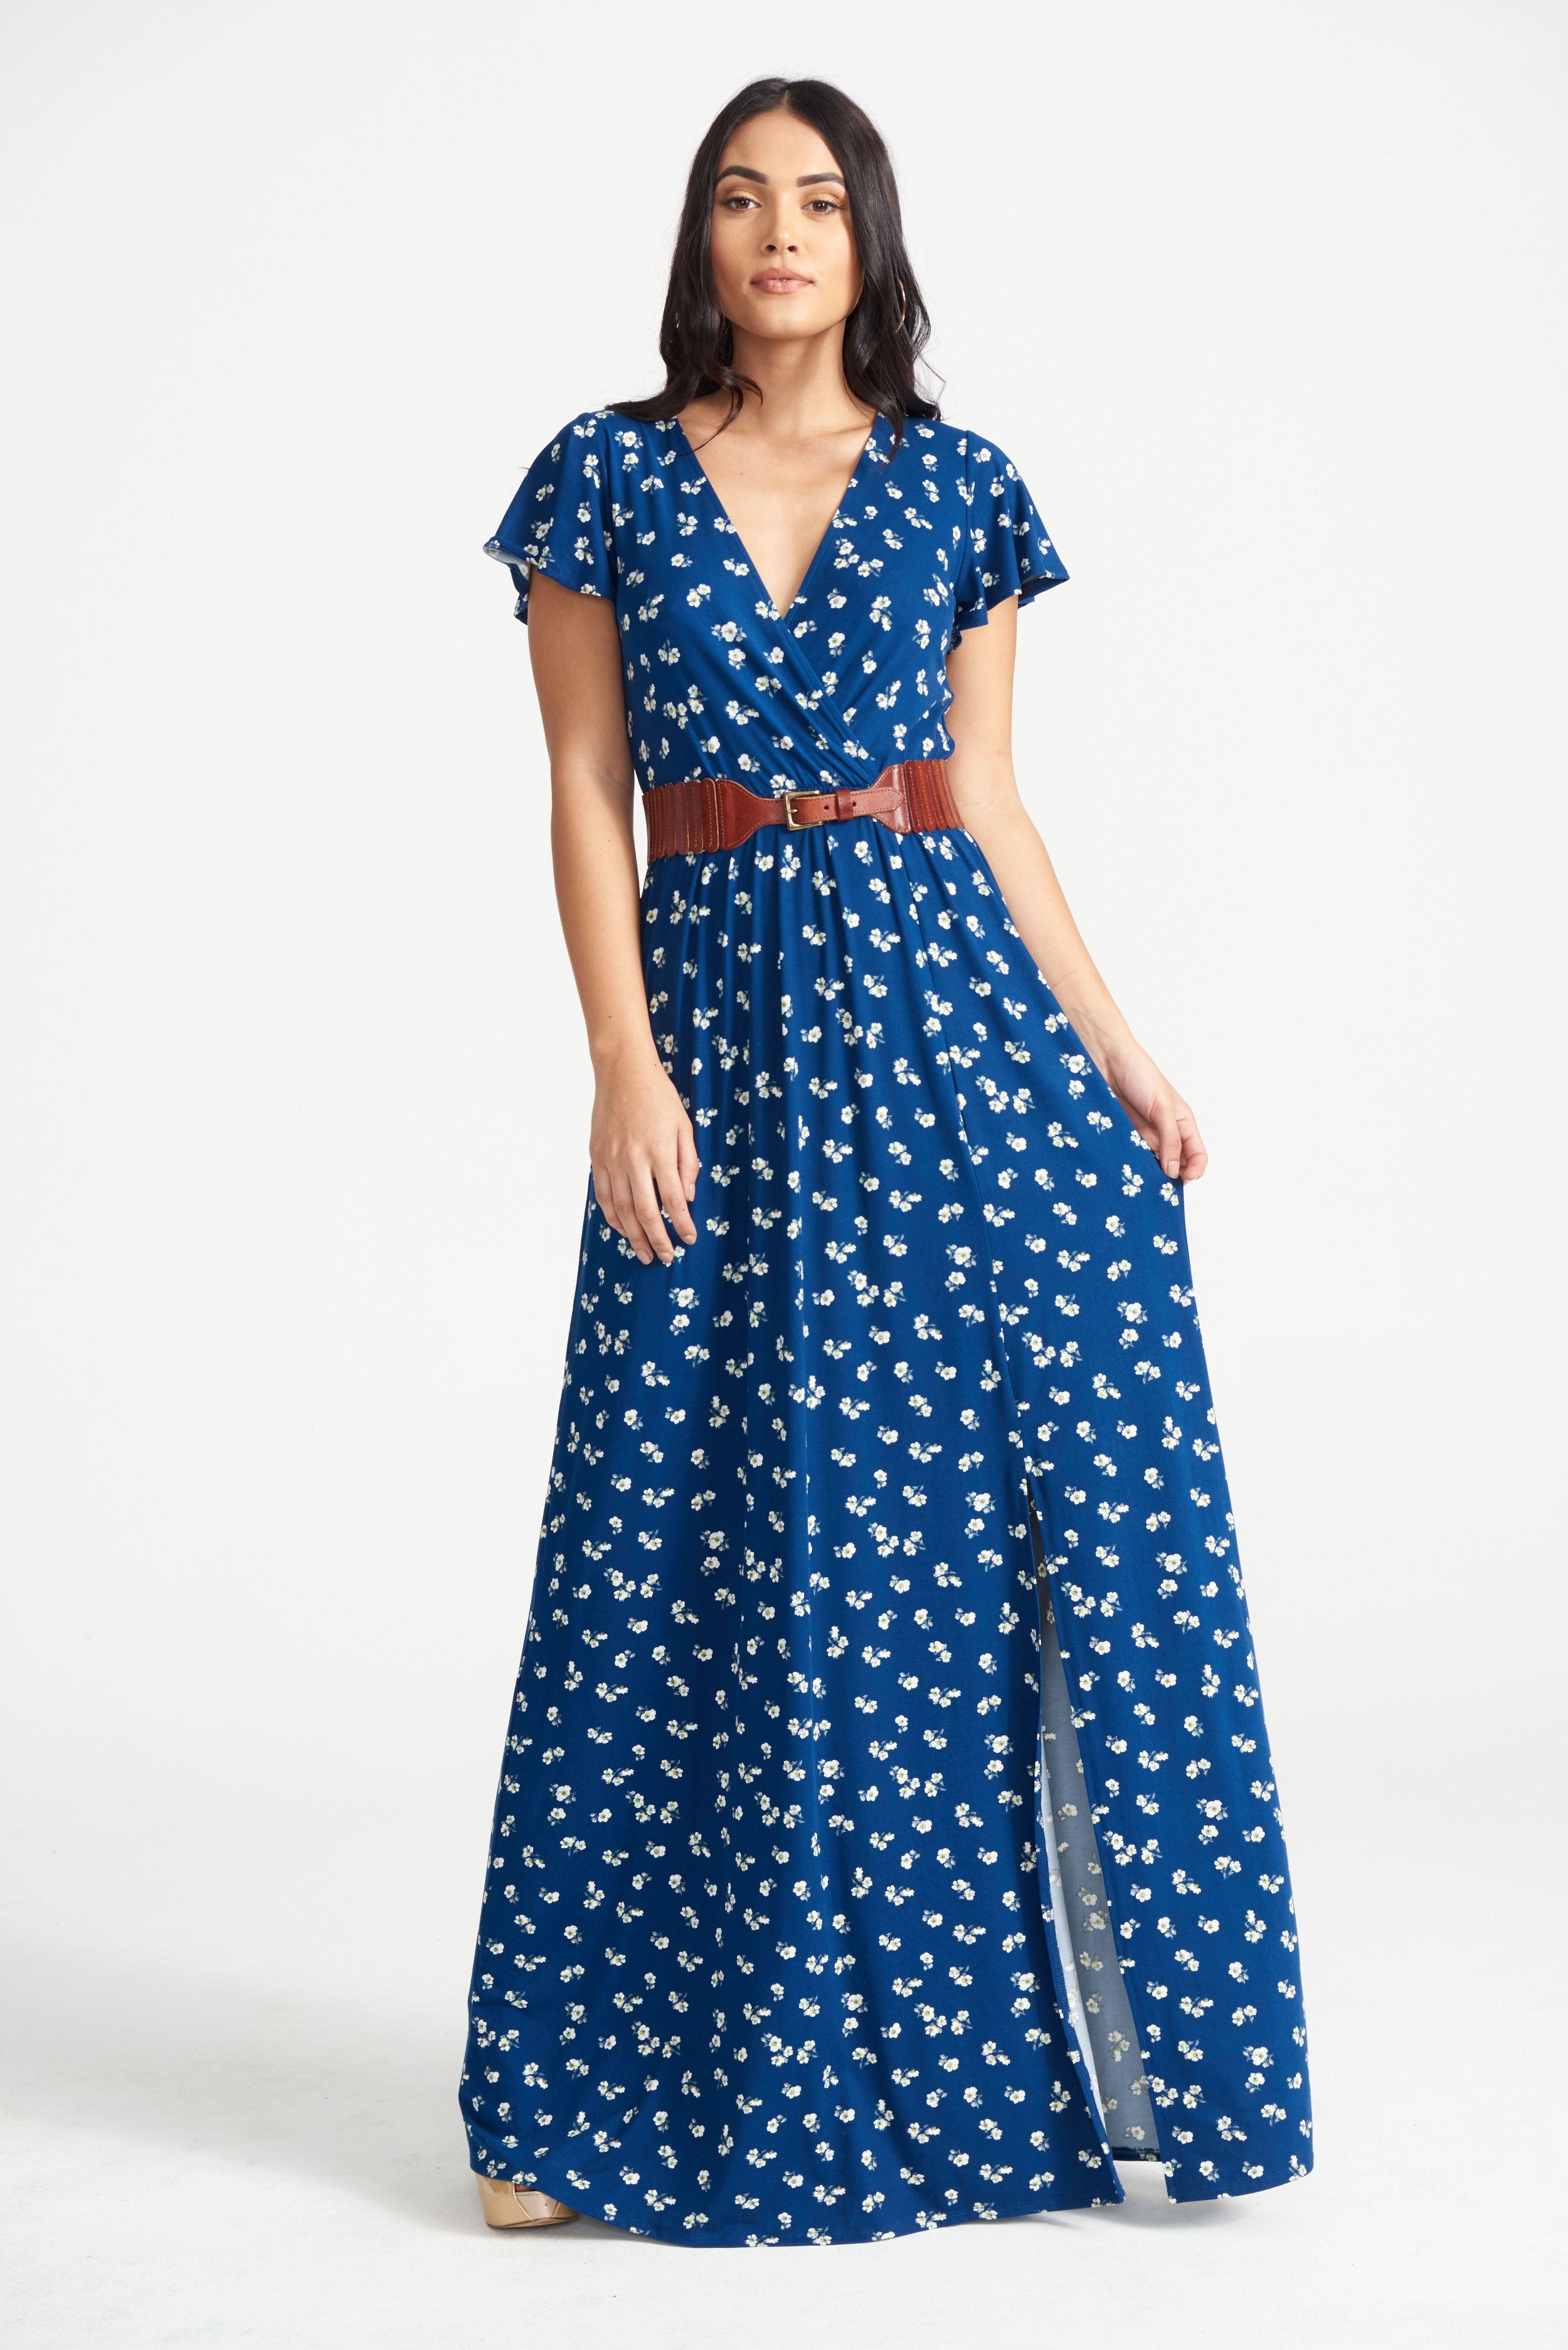 Tall Faux Wrap Maxi Dress Maxi Dress Tall Maxi Dress Maxi Dress Designs [ 3746 x 2500 Pixel ]